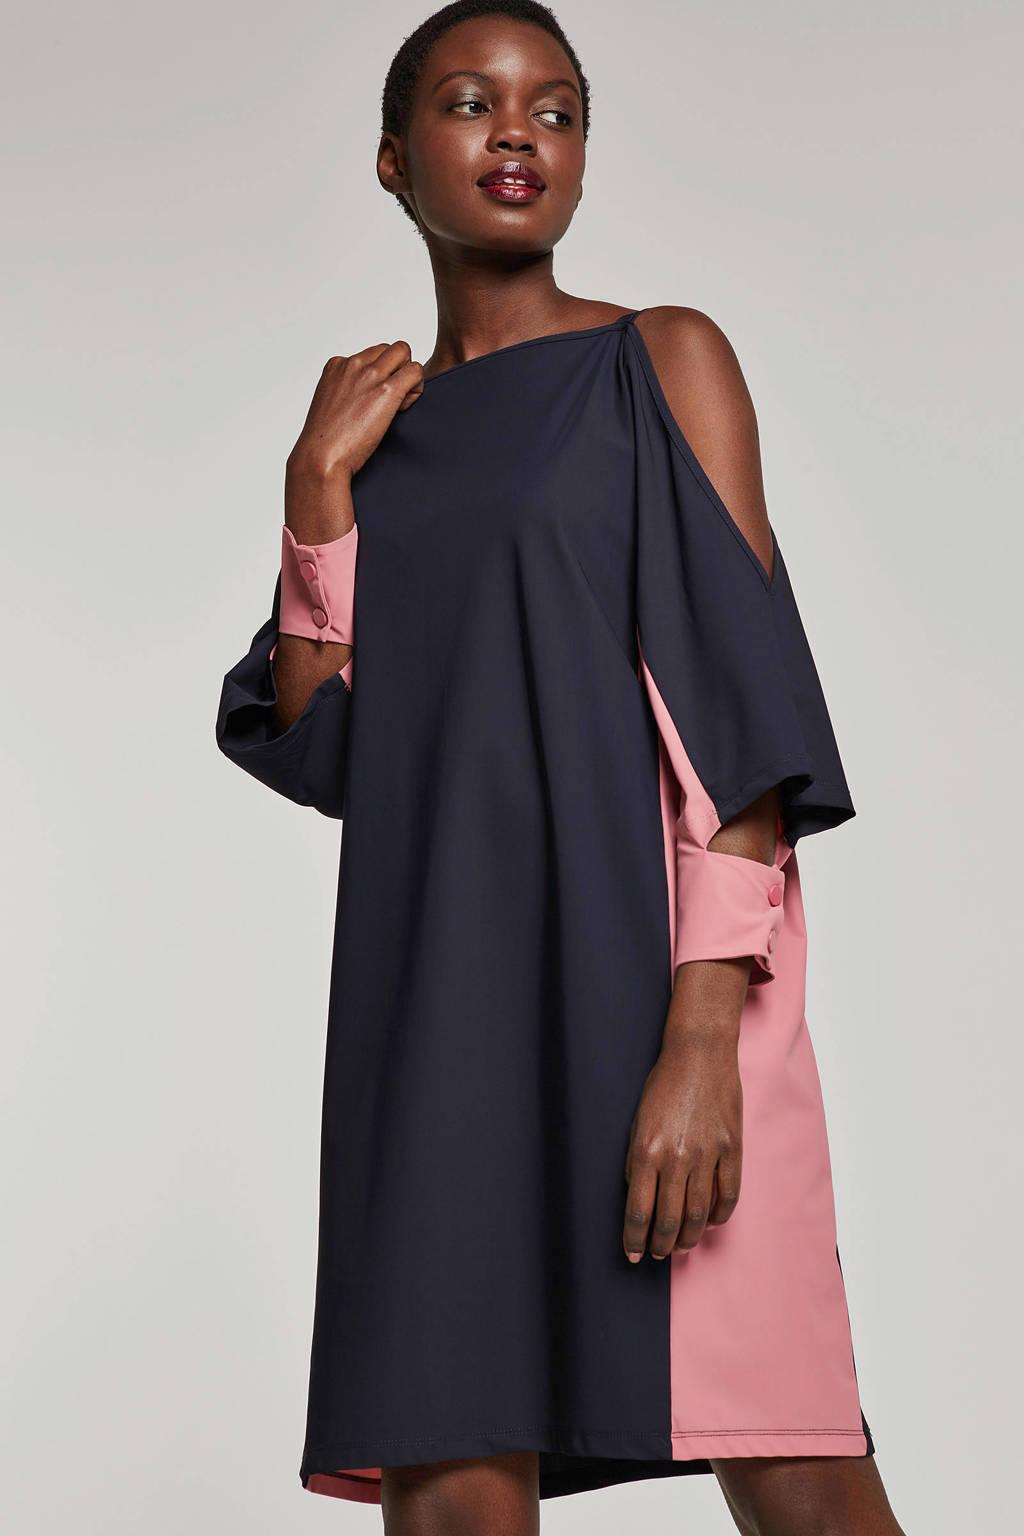 Fifth House jersey jurk Eryn donkerblauw/roze, Donkerblauw/roze